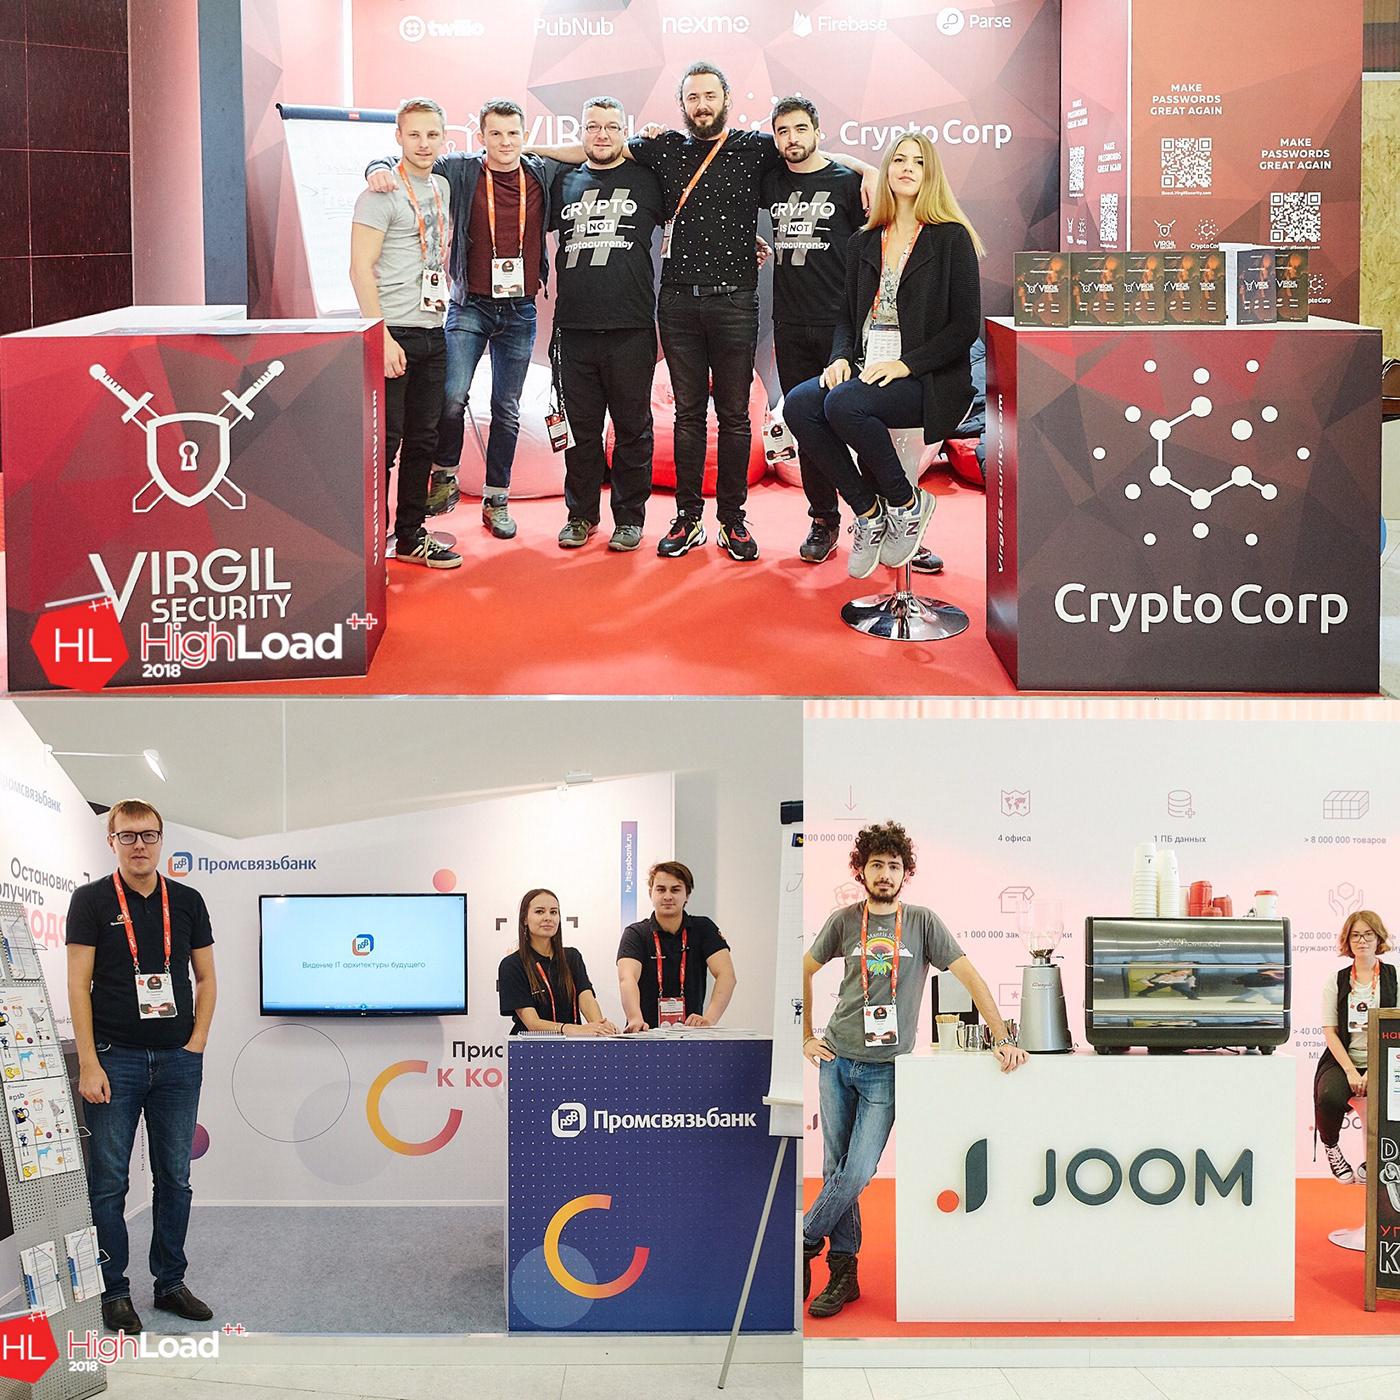 конференция Застройка Экспо zestdesign expo hl2018